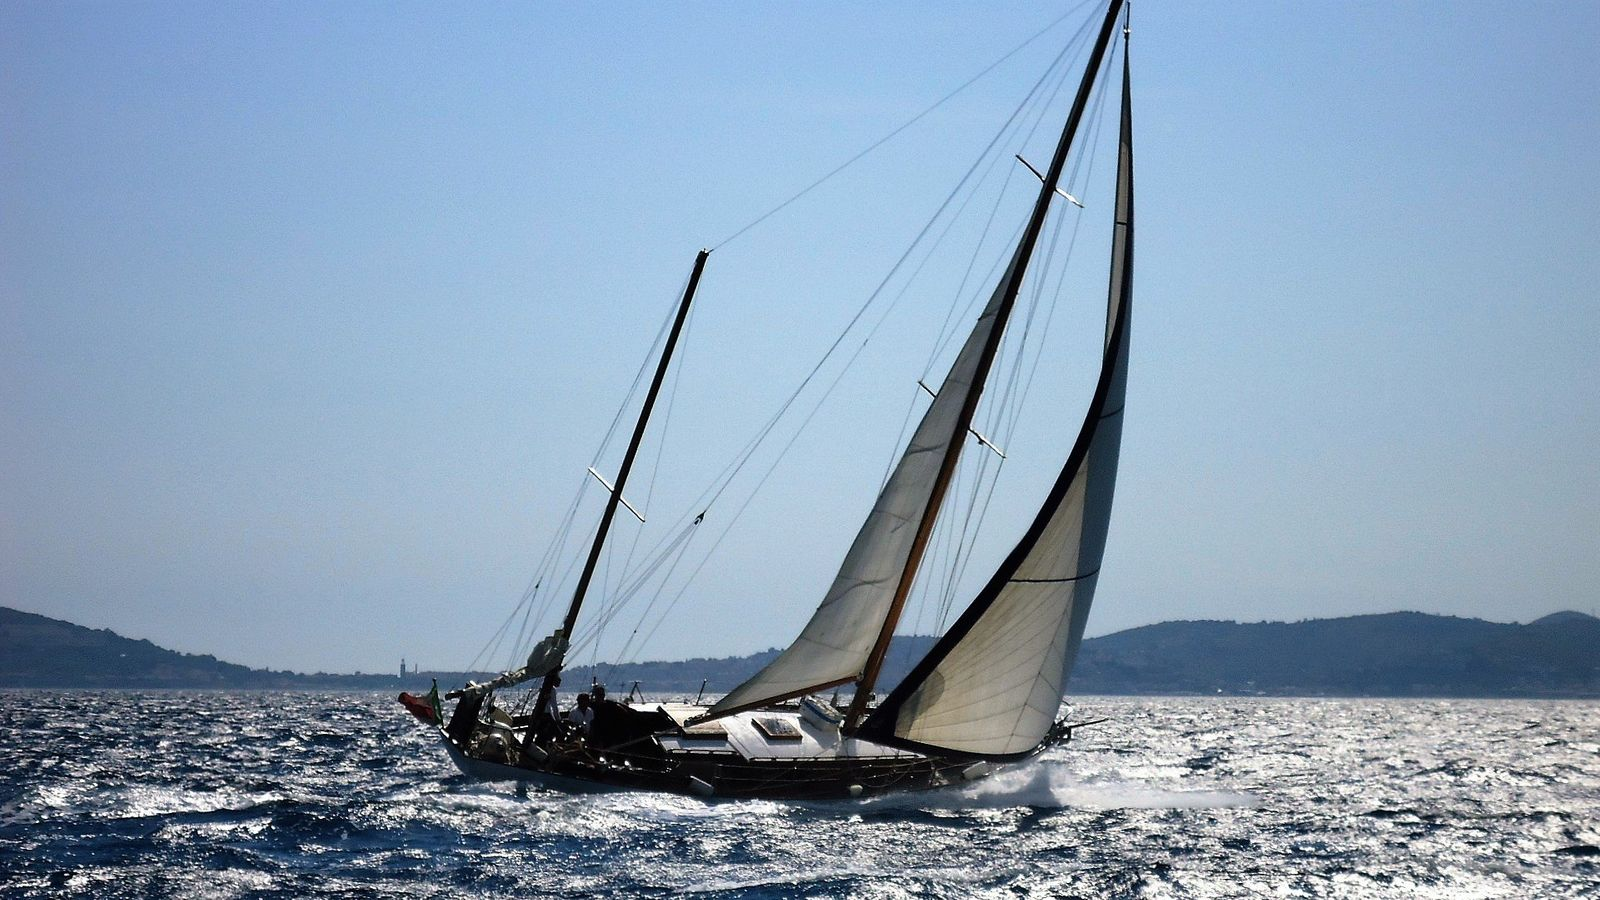 Regata di vele d'epoca a Gaeta